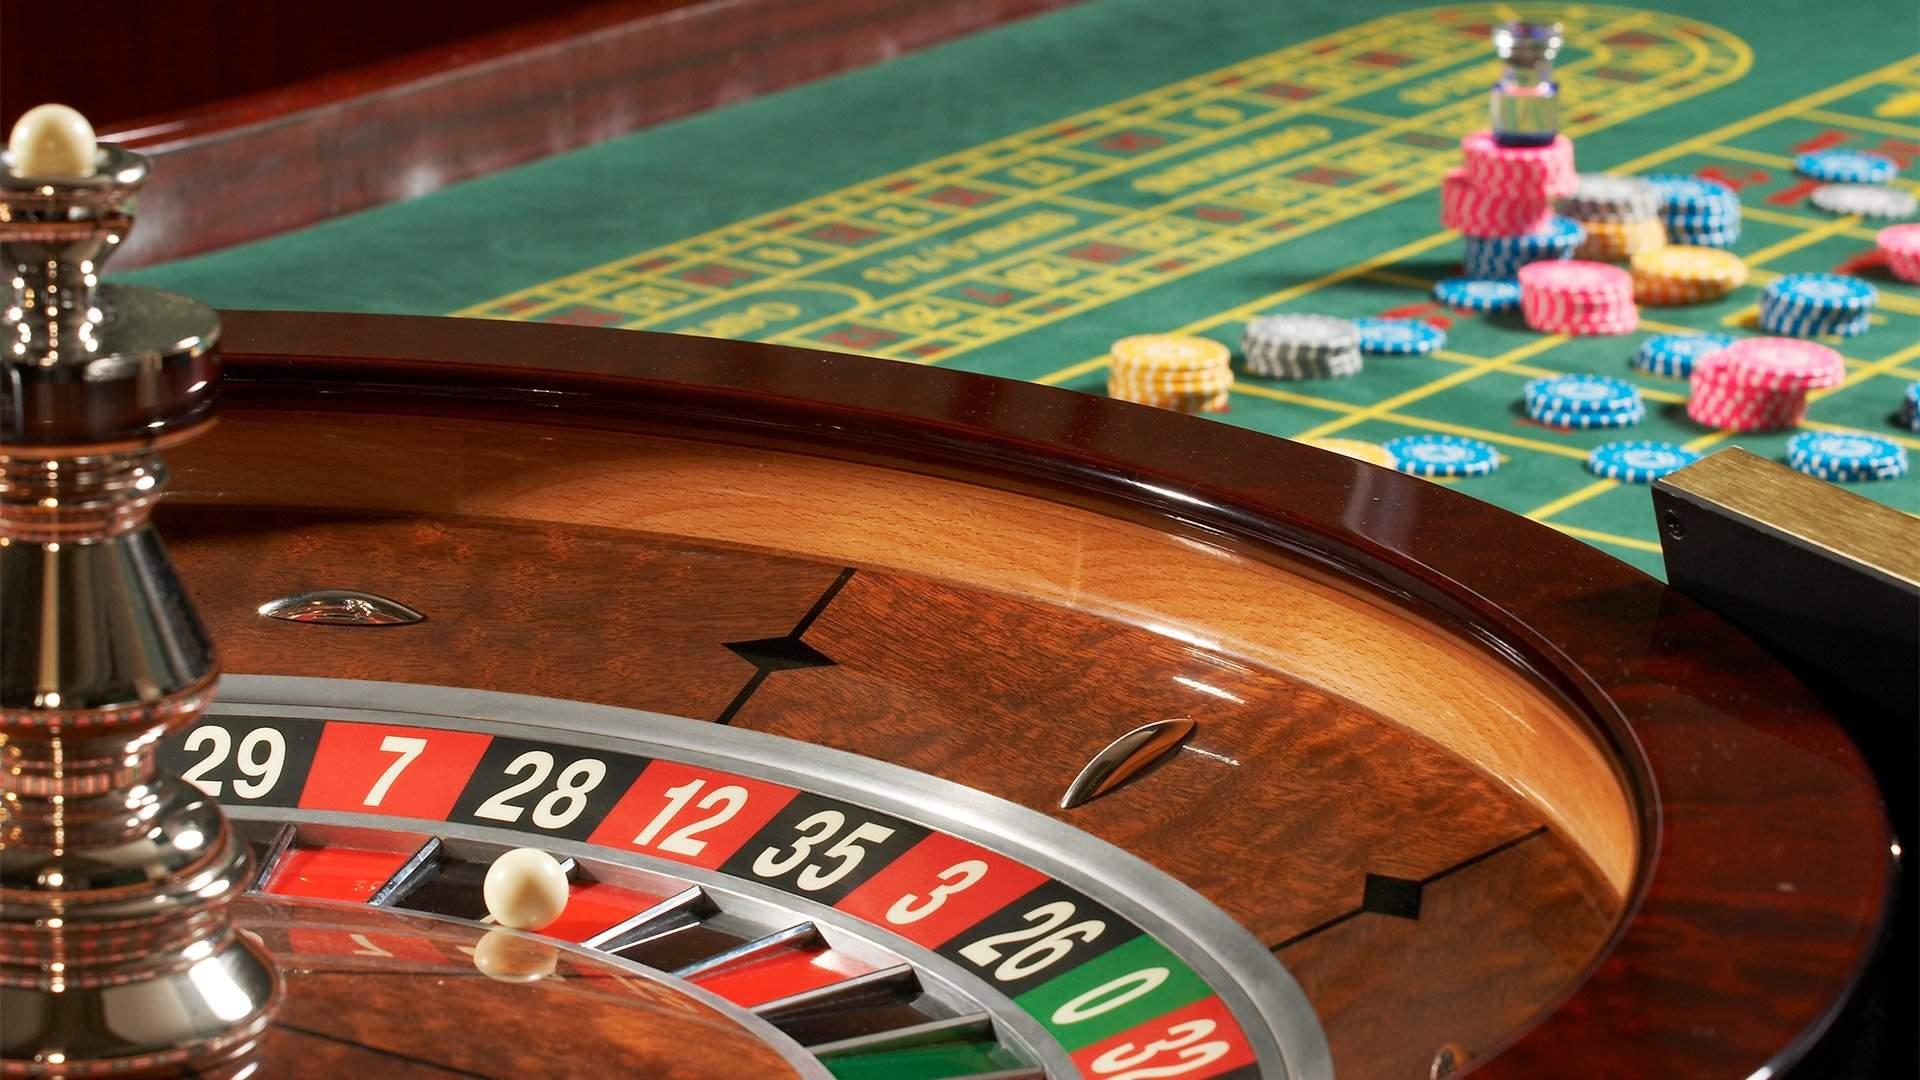 когда закрыли казино в москве